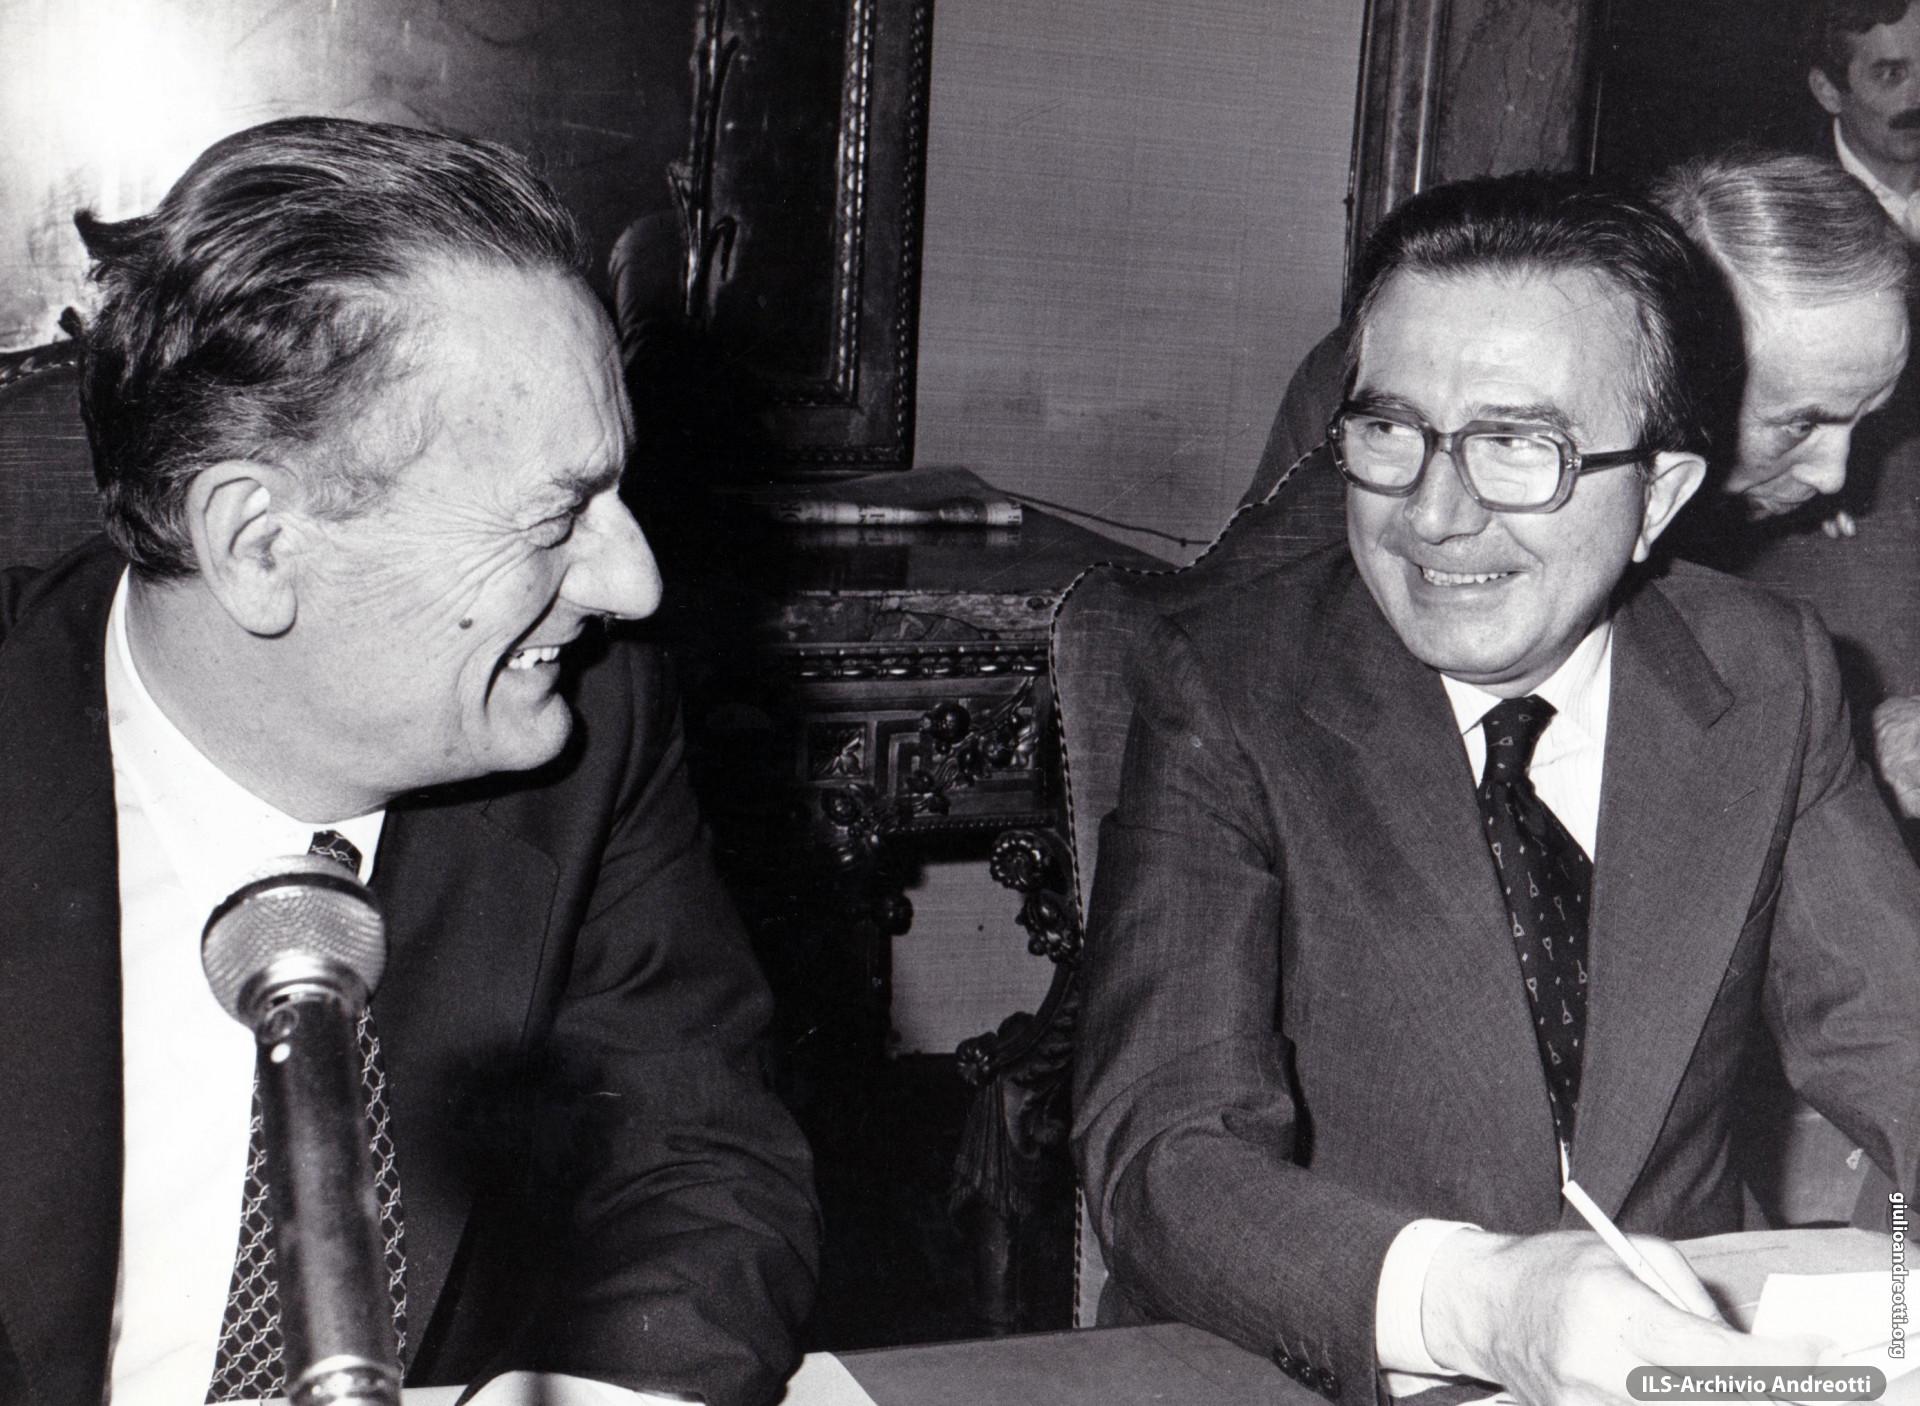 24 giugno 1979. Andreotti e Zaccagnini al Consiglio nazionale della DC dopo le elezioni del 3 giugno.